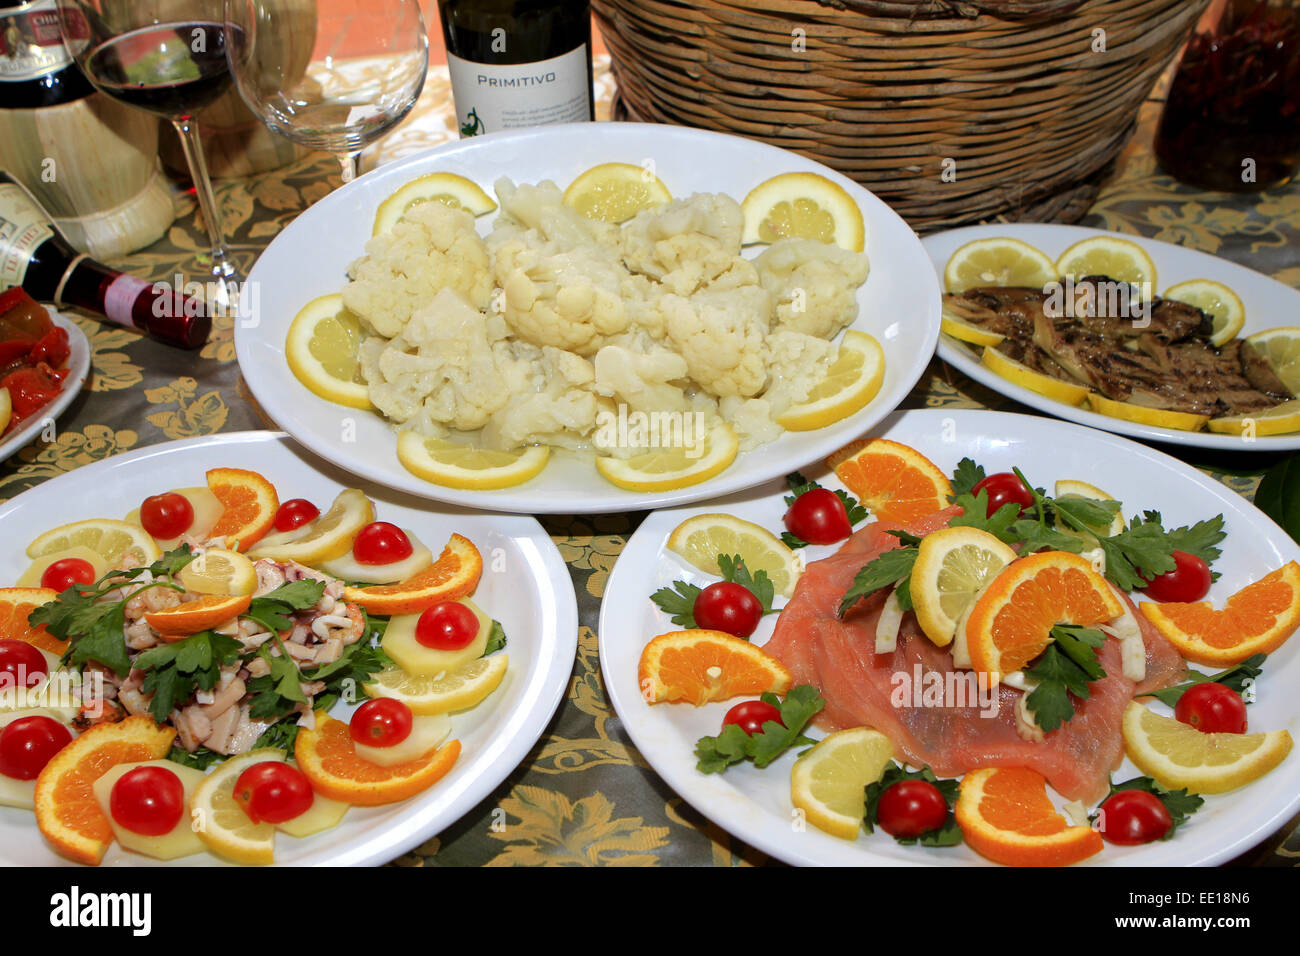 italienisches essen antipasti italienische k che antipasti speisen italienisch. Black Bedroom Furniture Sets. Home Design Ideas